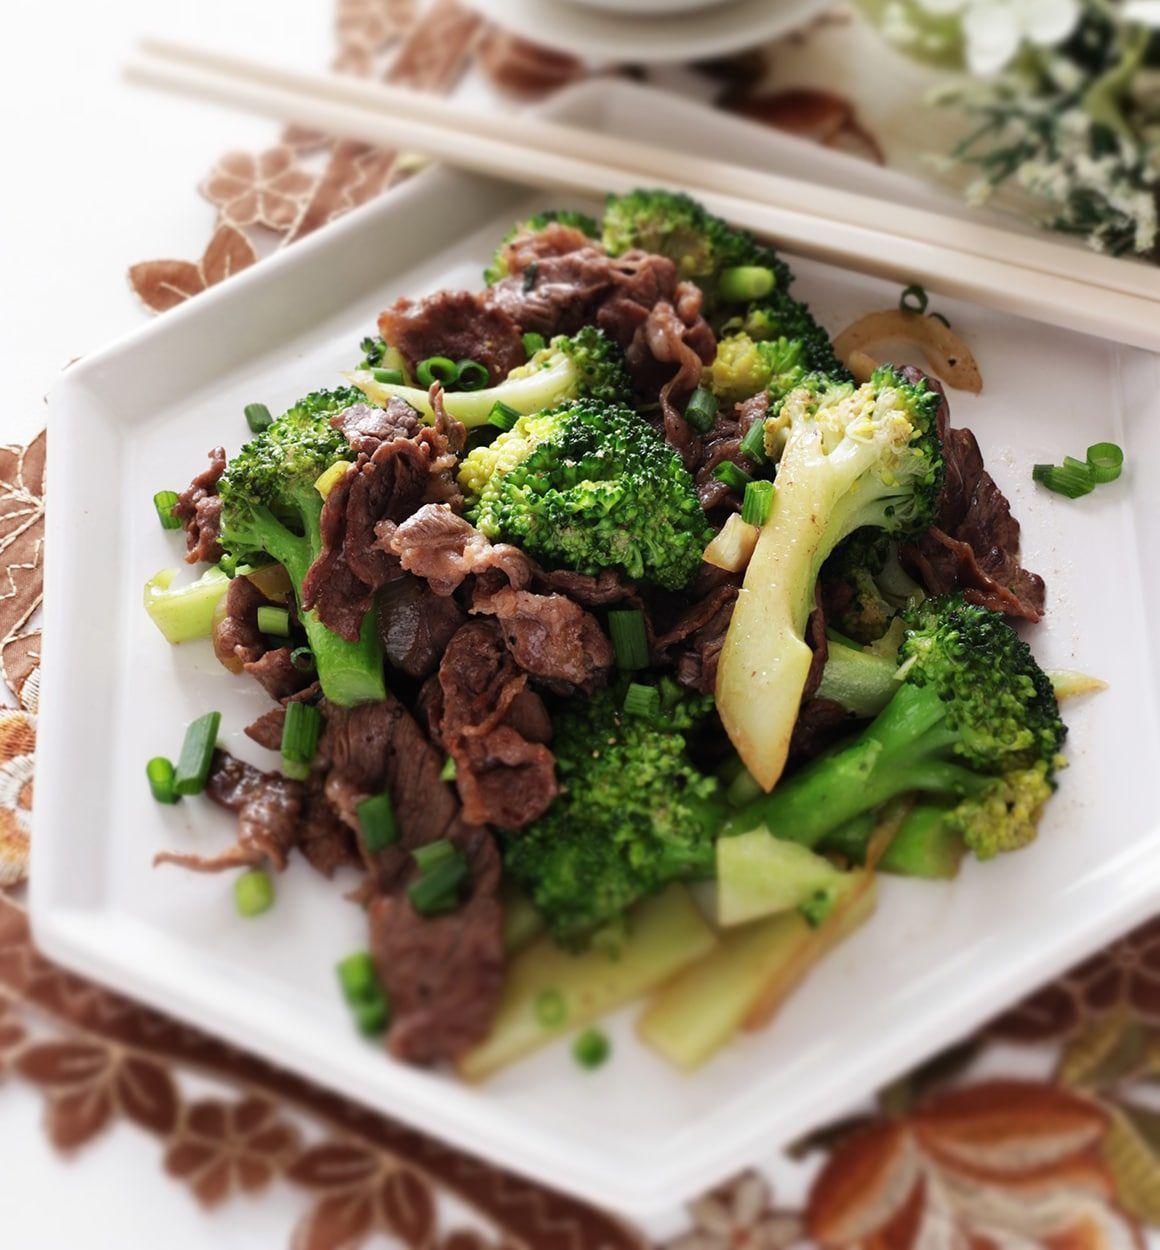 Beef Broccoli Recipe Ninja Ninja Foodi 6 5 Qt The Pressure Cooker That Crisps Op300 Broccoli Beef Broccoli Recipes Venison Recipes